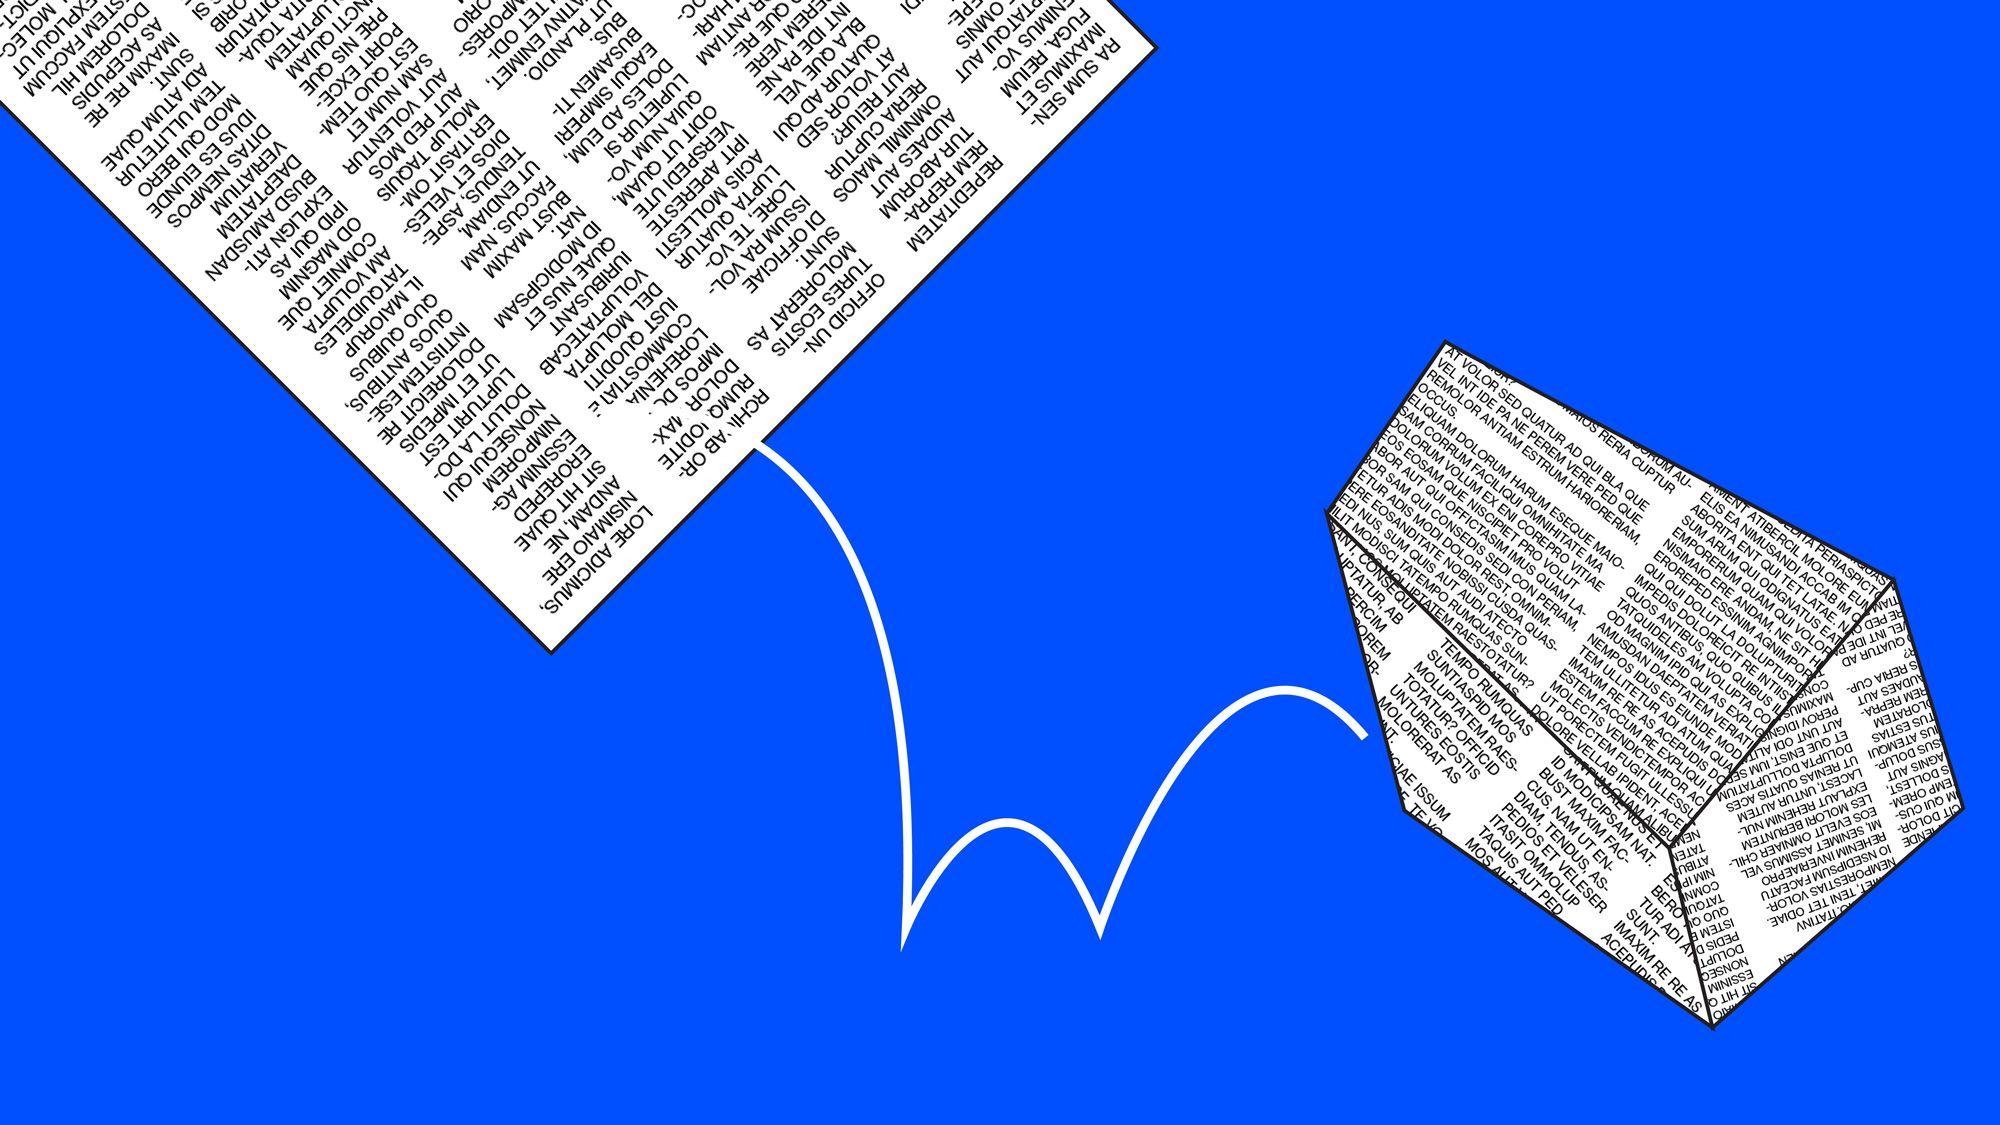 遺伝子編集技術を扱うバイオ企業の株価が急落した理由